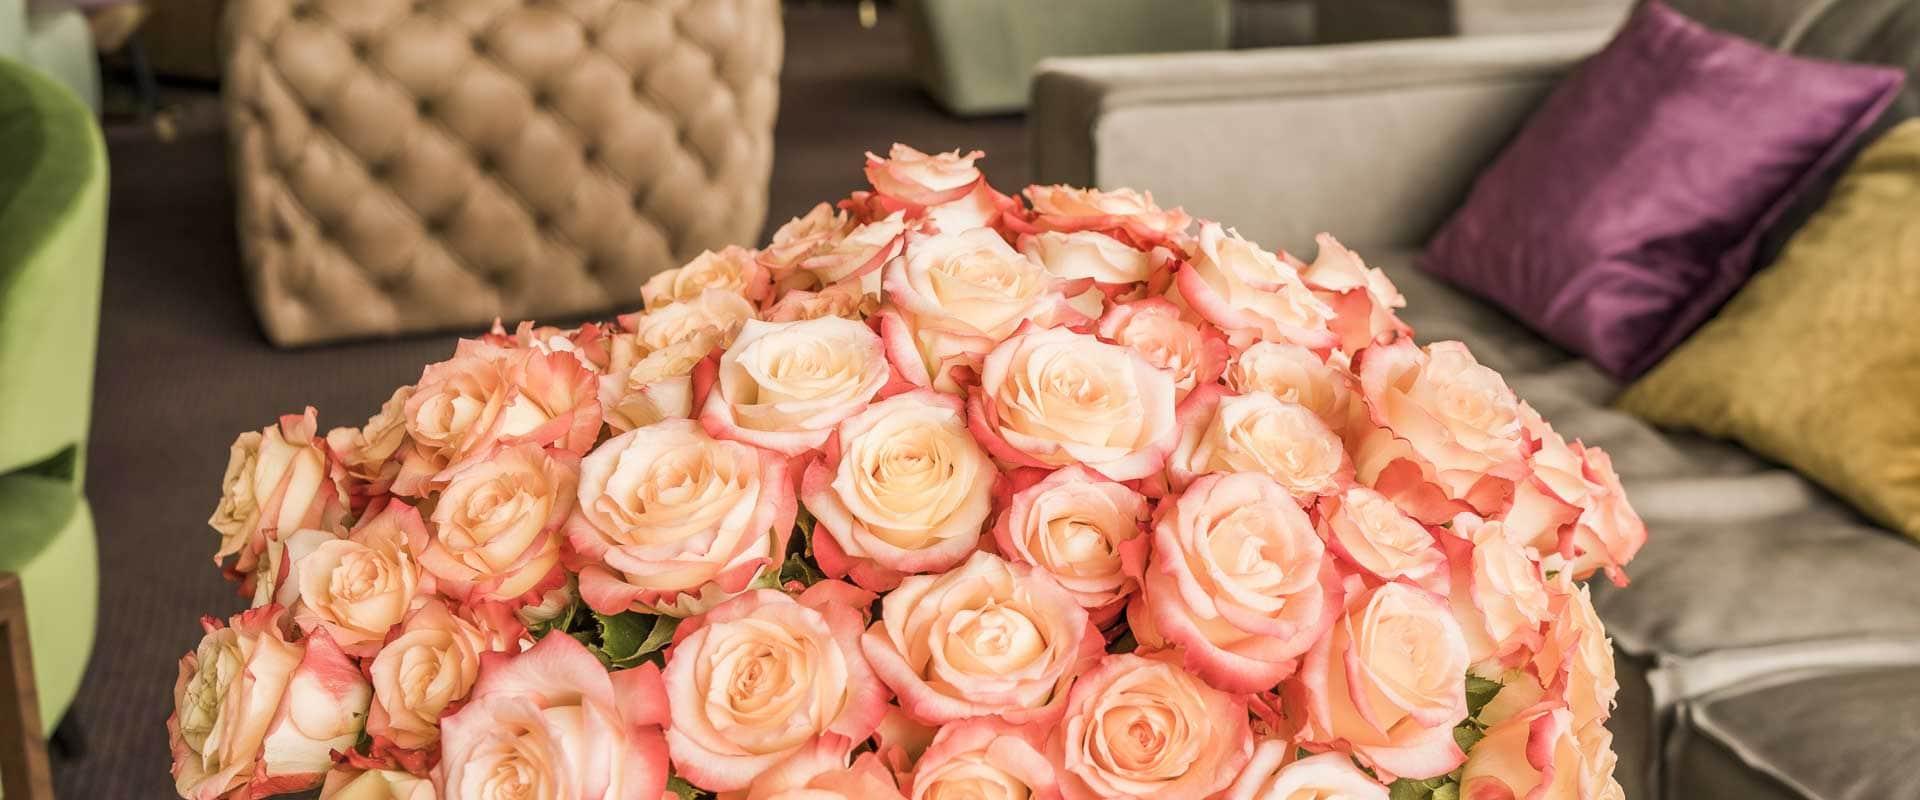 pfirsichfarbener Rosenstrauß